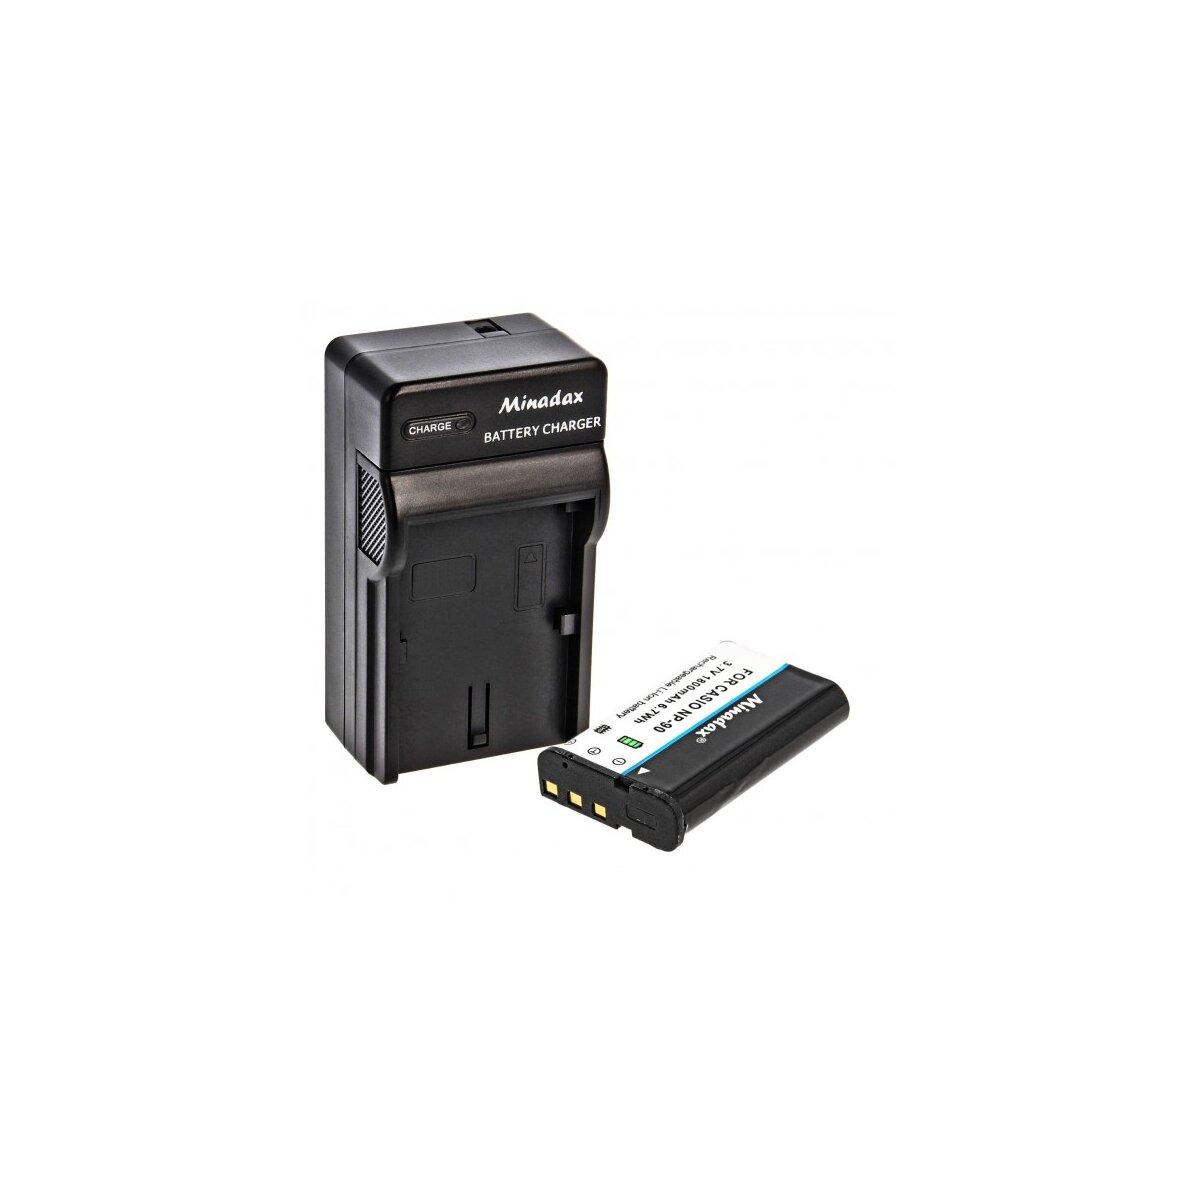 Minadax® Ladegeraet 100% kompatibel fuer Casio NP-90 inkl. Auto Ladekabel, Ladeschale austauschbar + 1x Akku wie NP-90